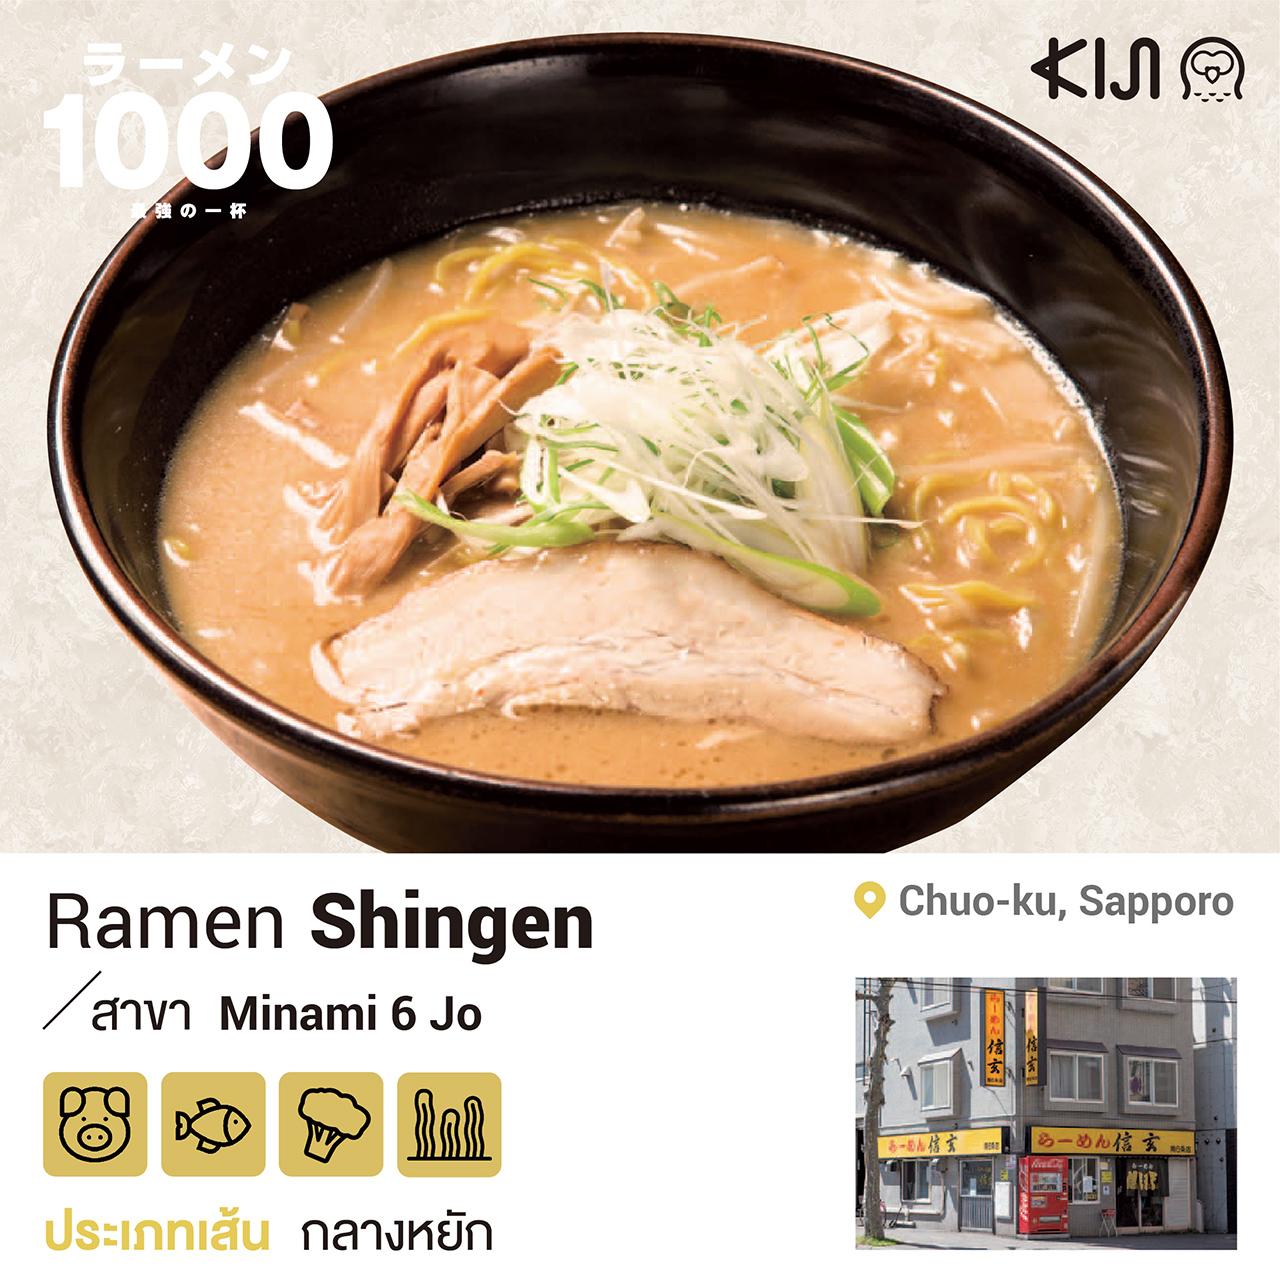 ร้านราเมน เขตชูโอ เมืองซัปโปโร จ.ฮอกไกโด - Ramen Shingen สาขา Minami 6 Jo